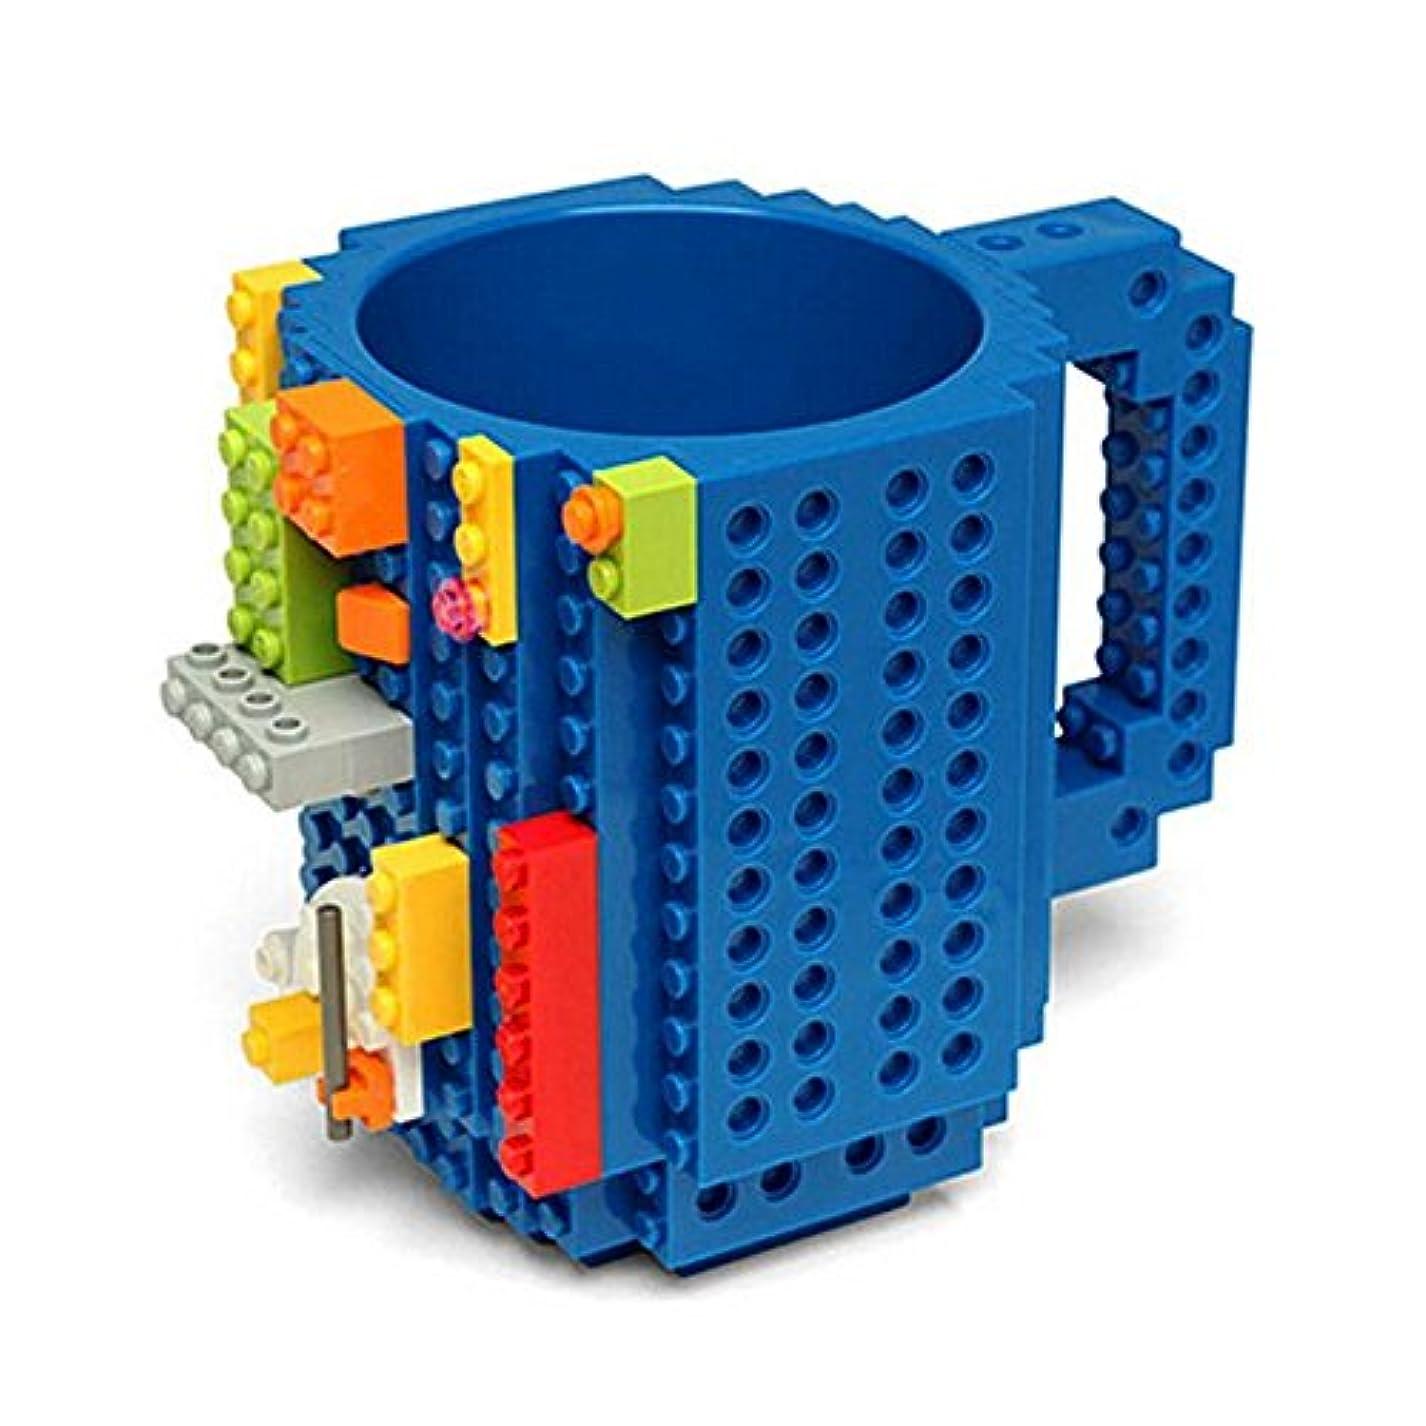 かろうじて興奮する感嘆符Maxcrestas - 350ML DIY?ビルディング?ブロックのカップレンガコーヒーティーカップ凍った水のドリンクカップDIYブロックパズルシッククリエイティブホームDrinkwares